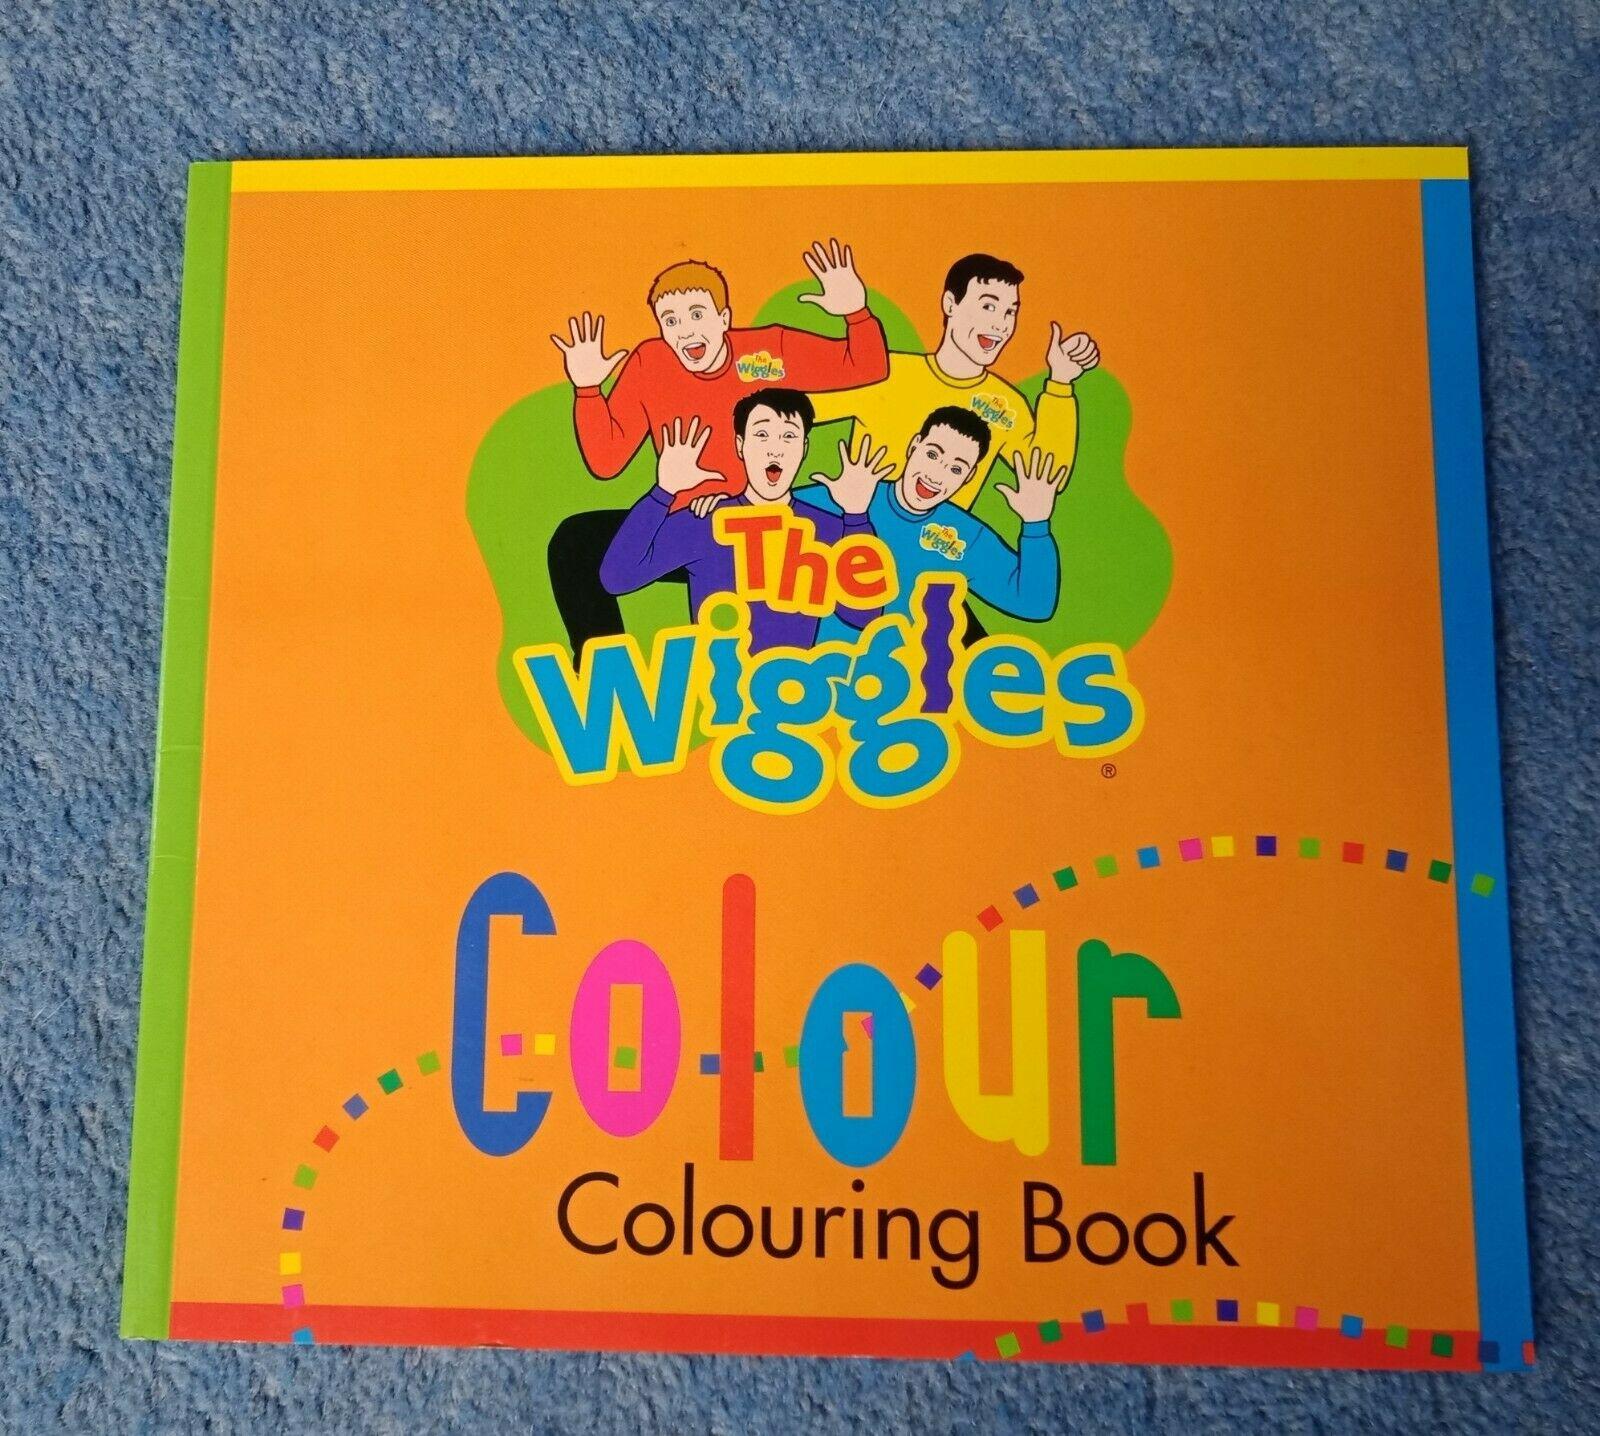 Colour Colouring Book